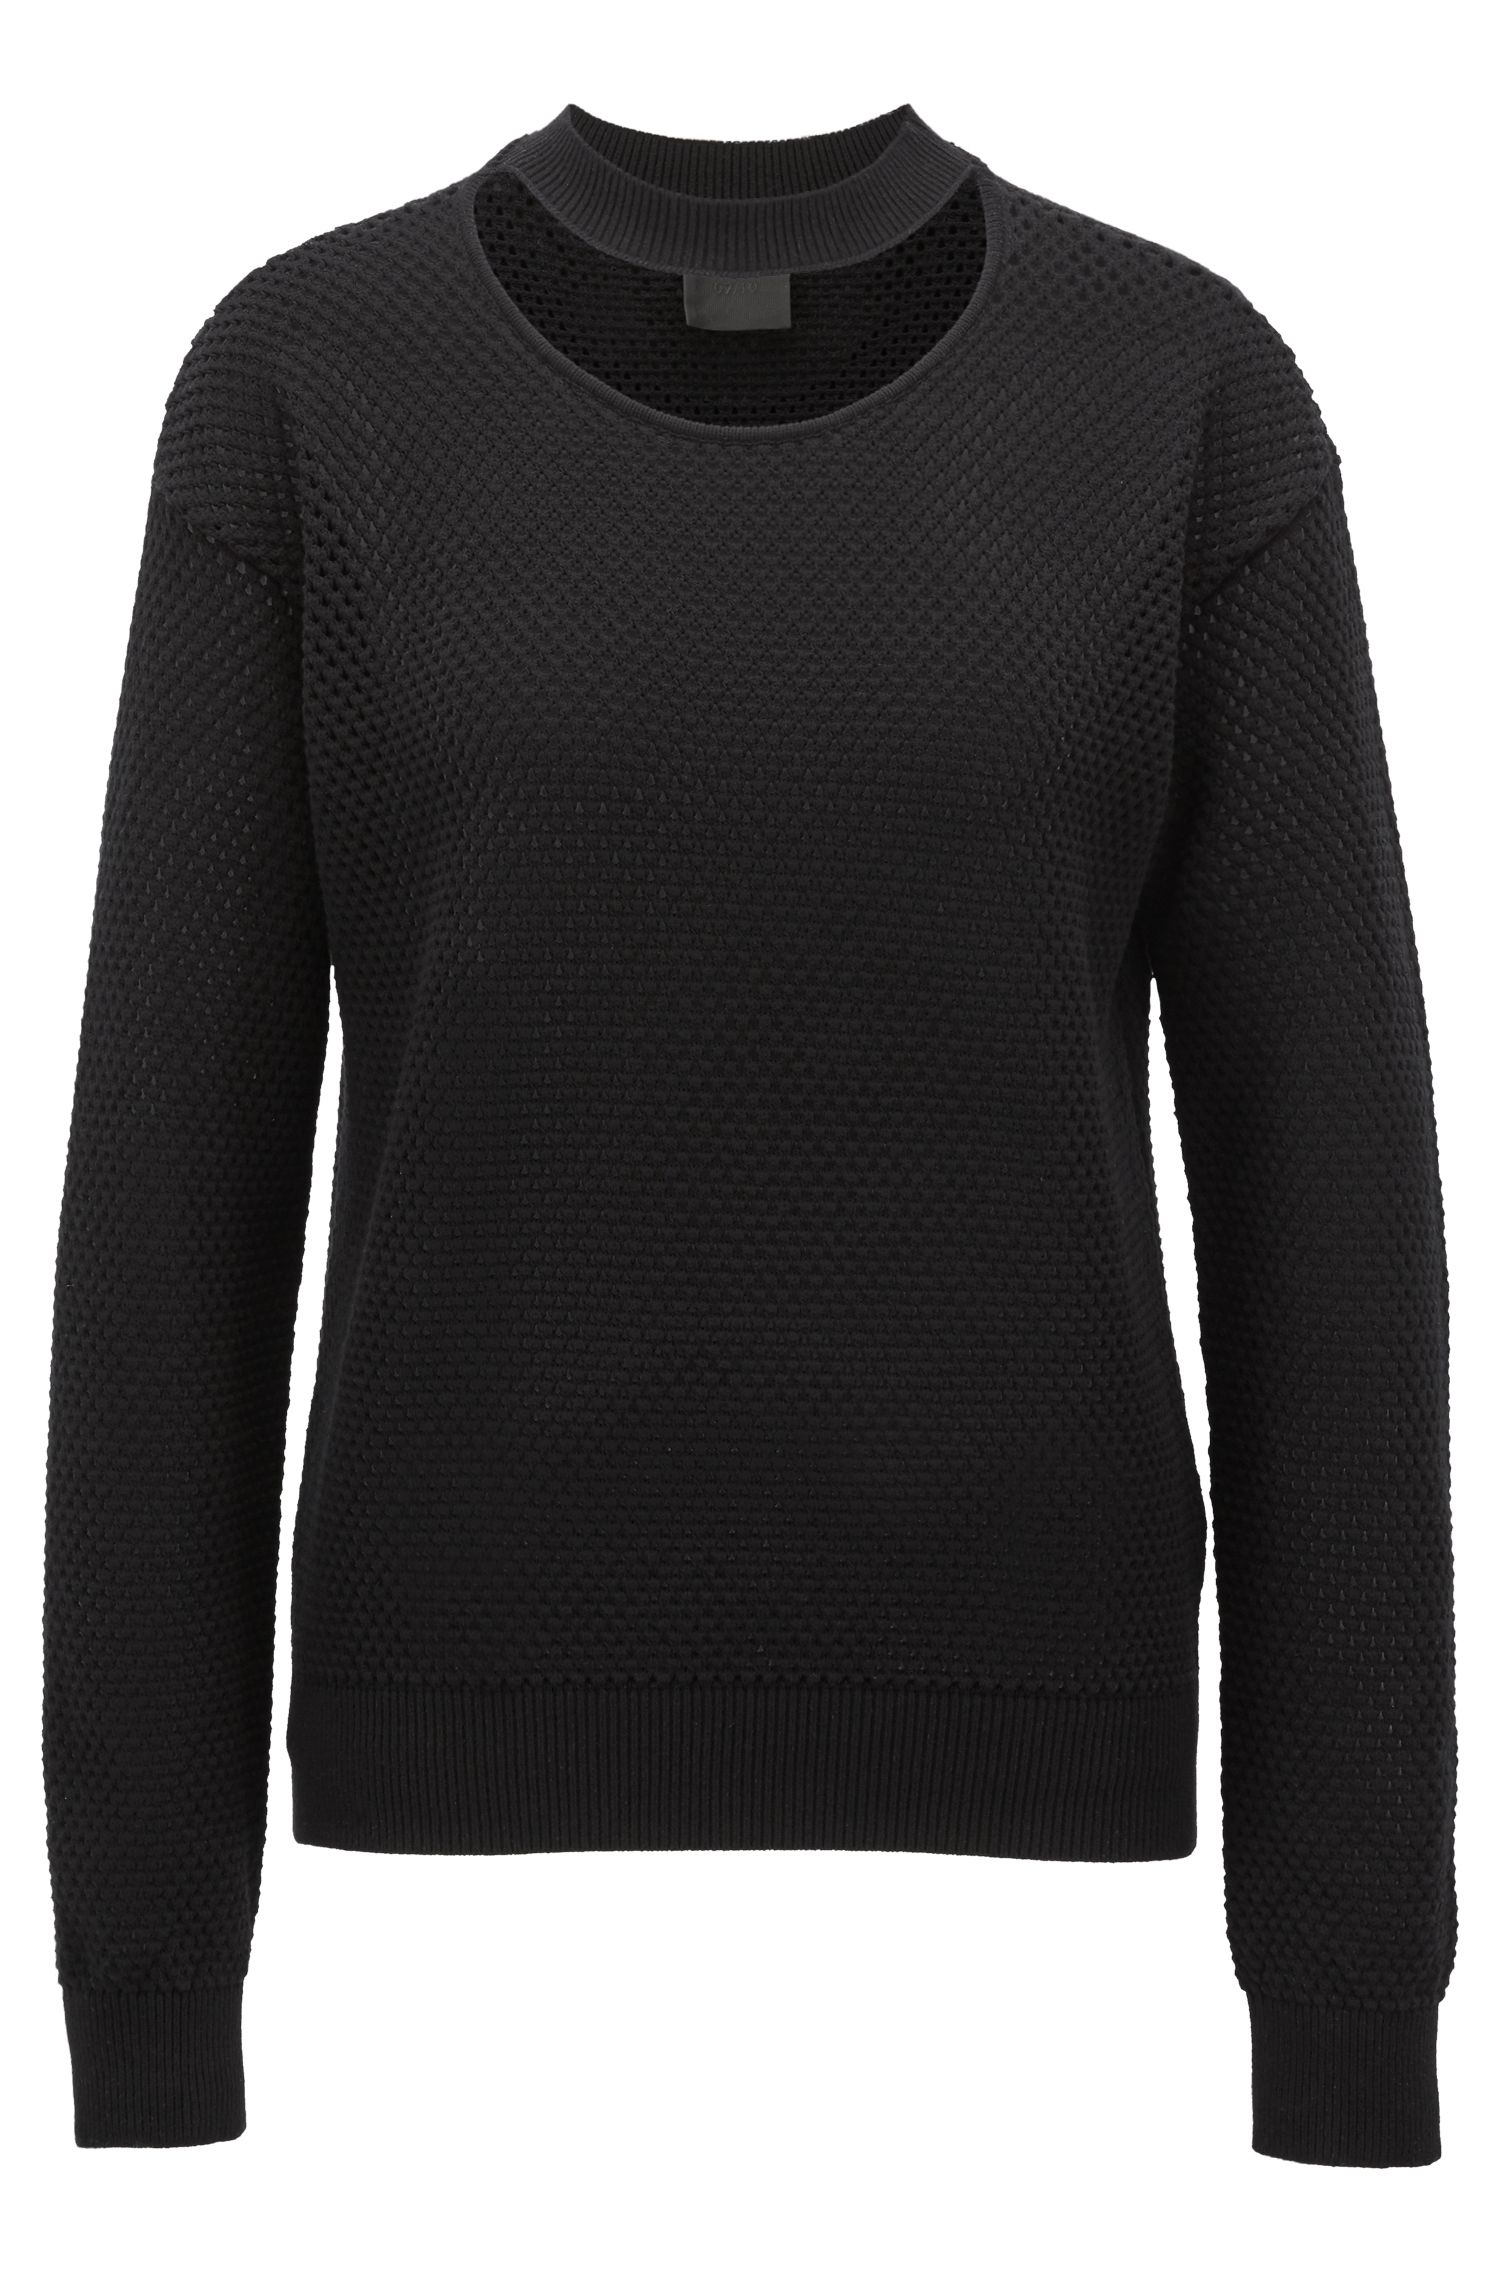 Pullover aus elastischem Mesh mit Cutout am Ausschnitt